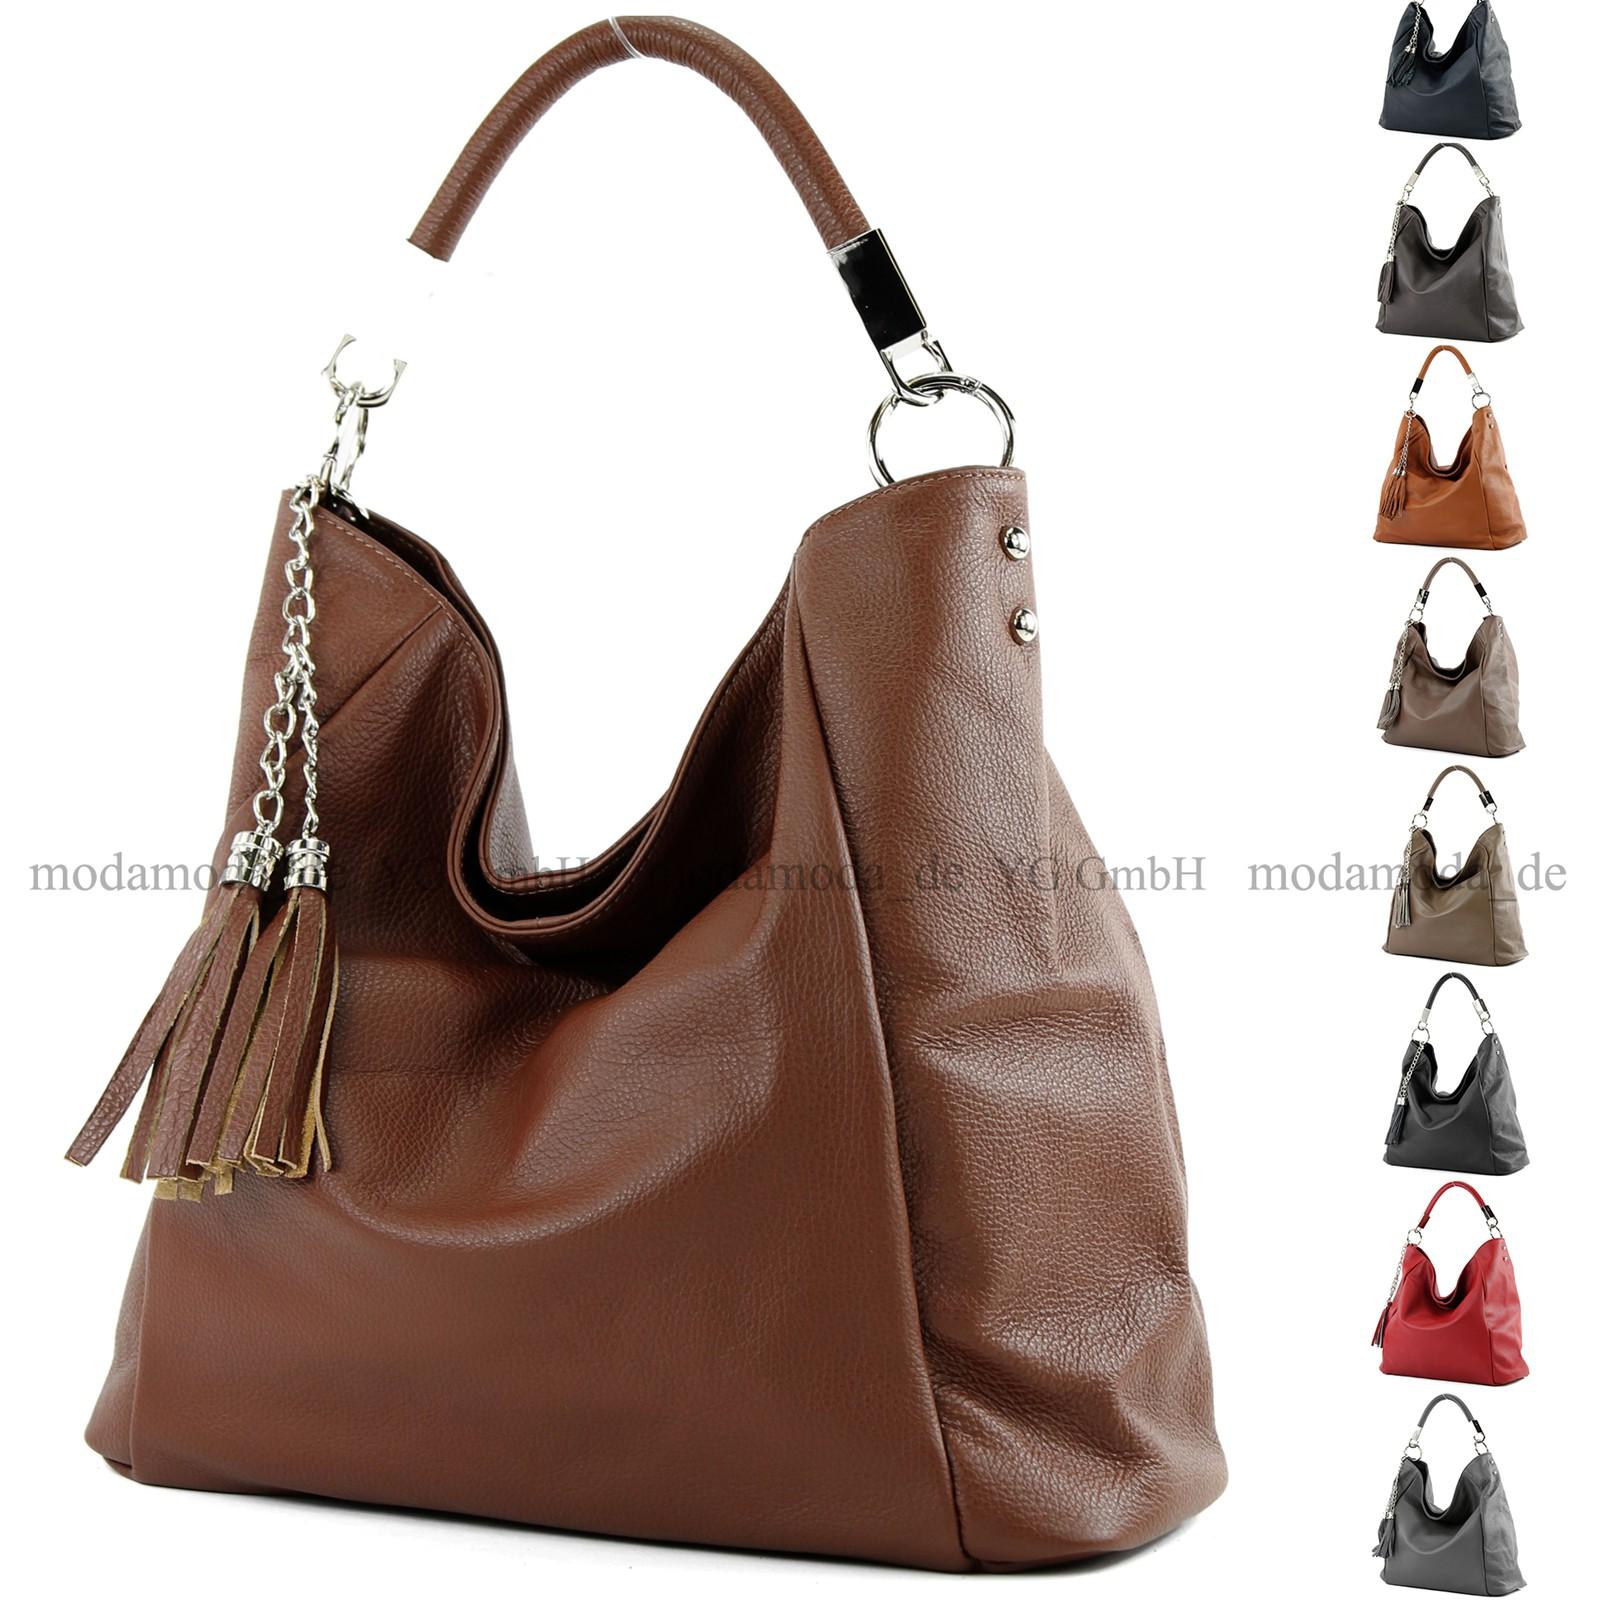 Ledertasche Schultertasche Damentasche Handtasche Shopper Leder groß T108 ital